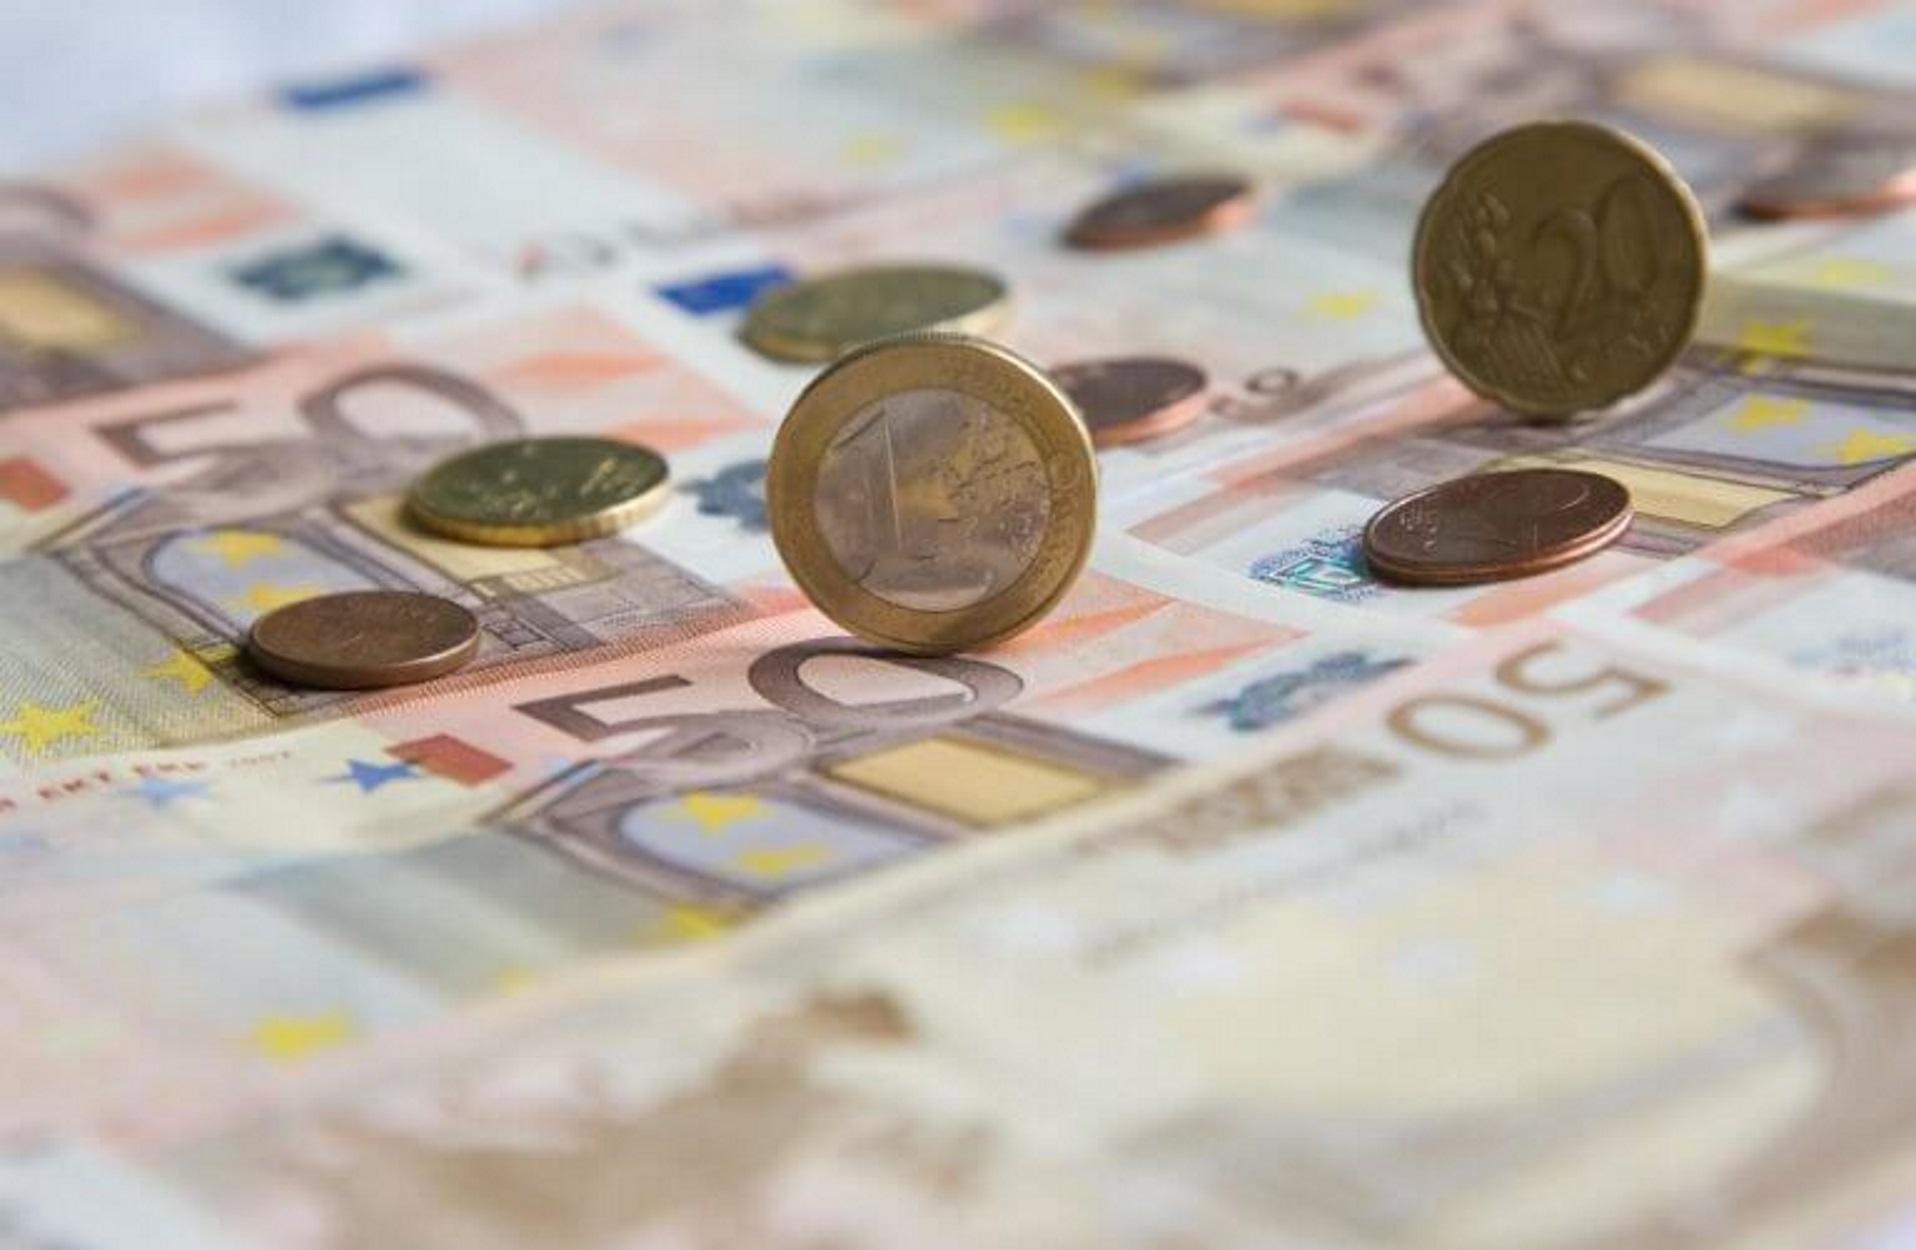 Πρωτογενές πλεόνασμα: Στα 3,6 δισ. ευρώ στο δεκάμηνο Ιανουαρίου – Οκτωβρίου